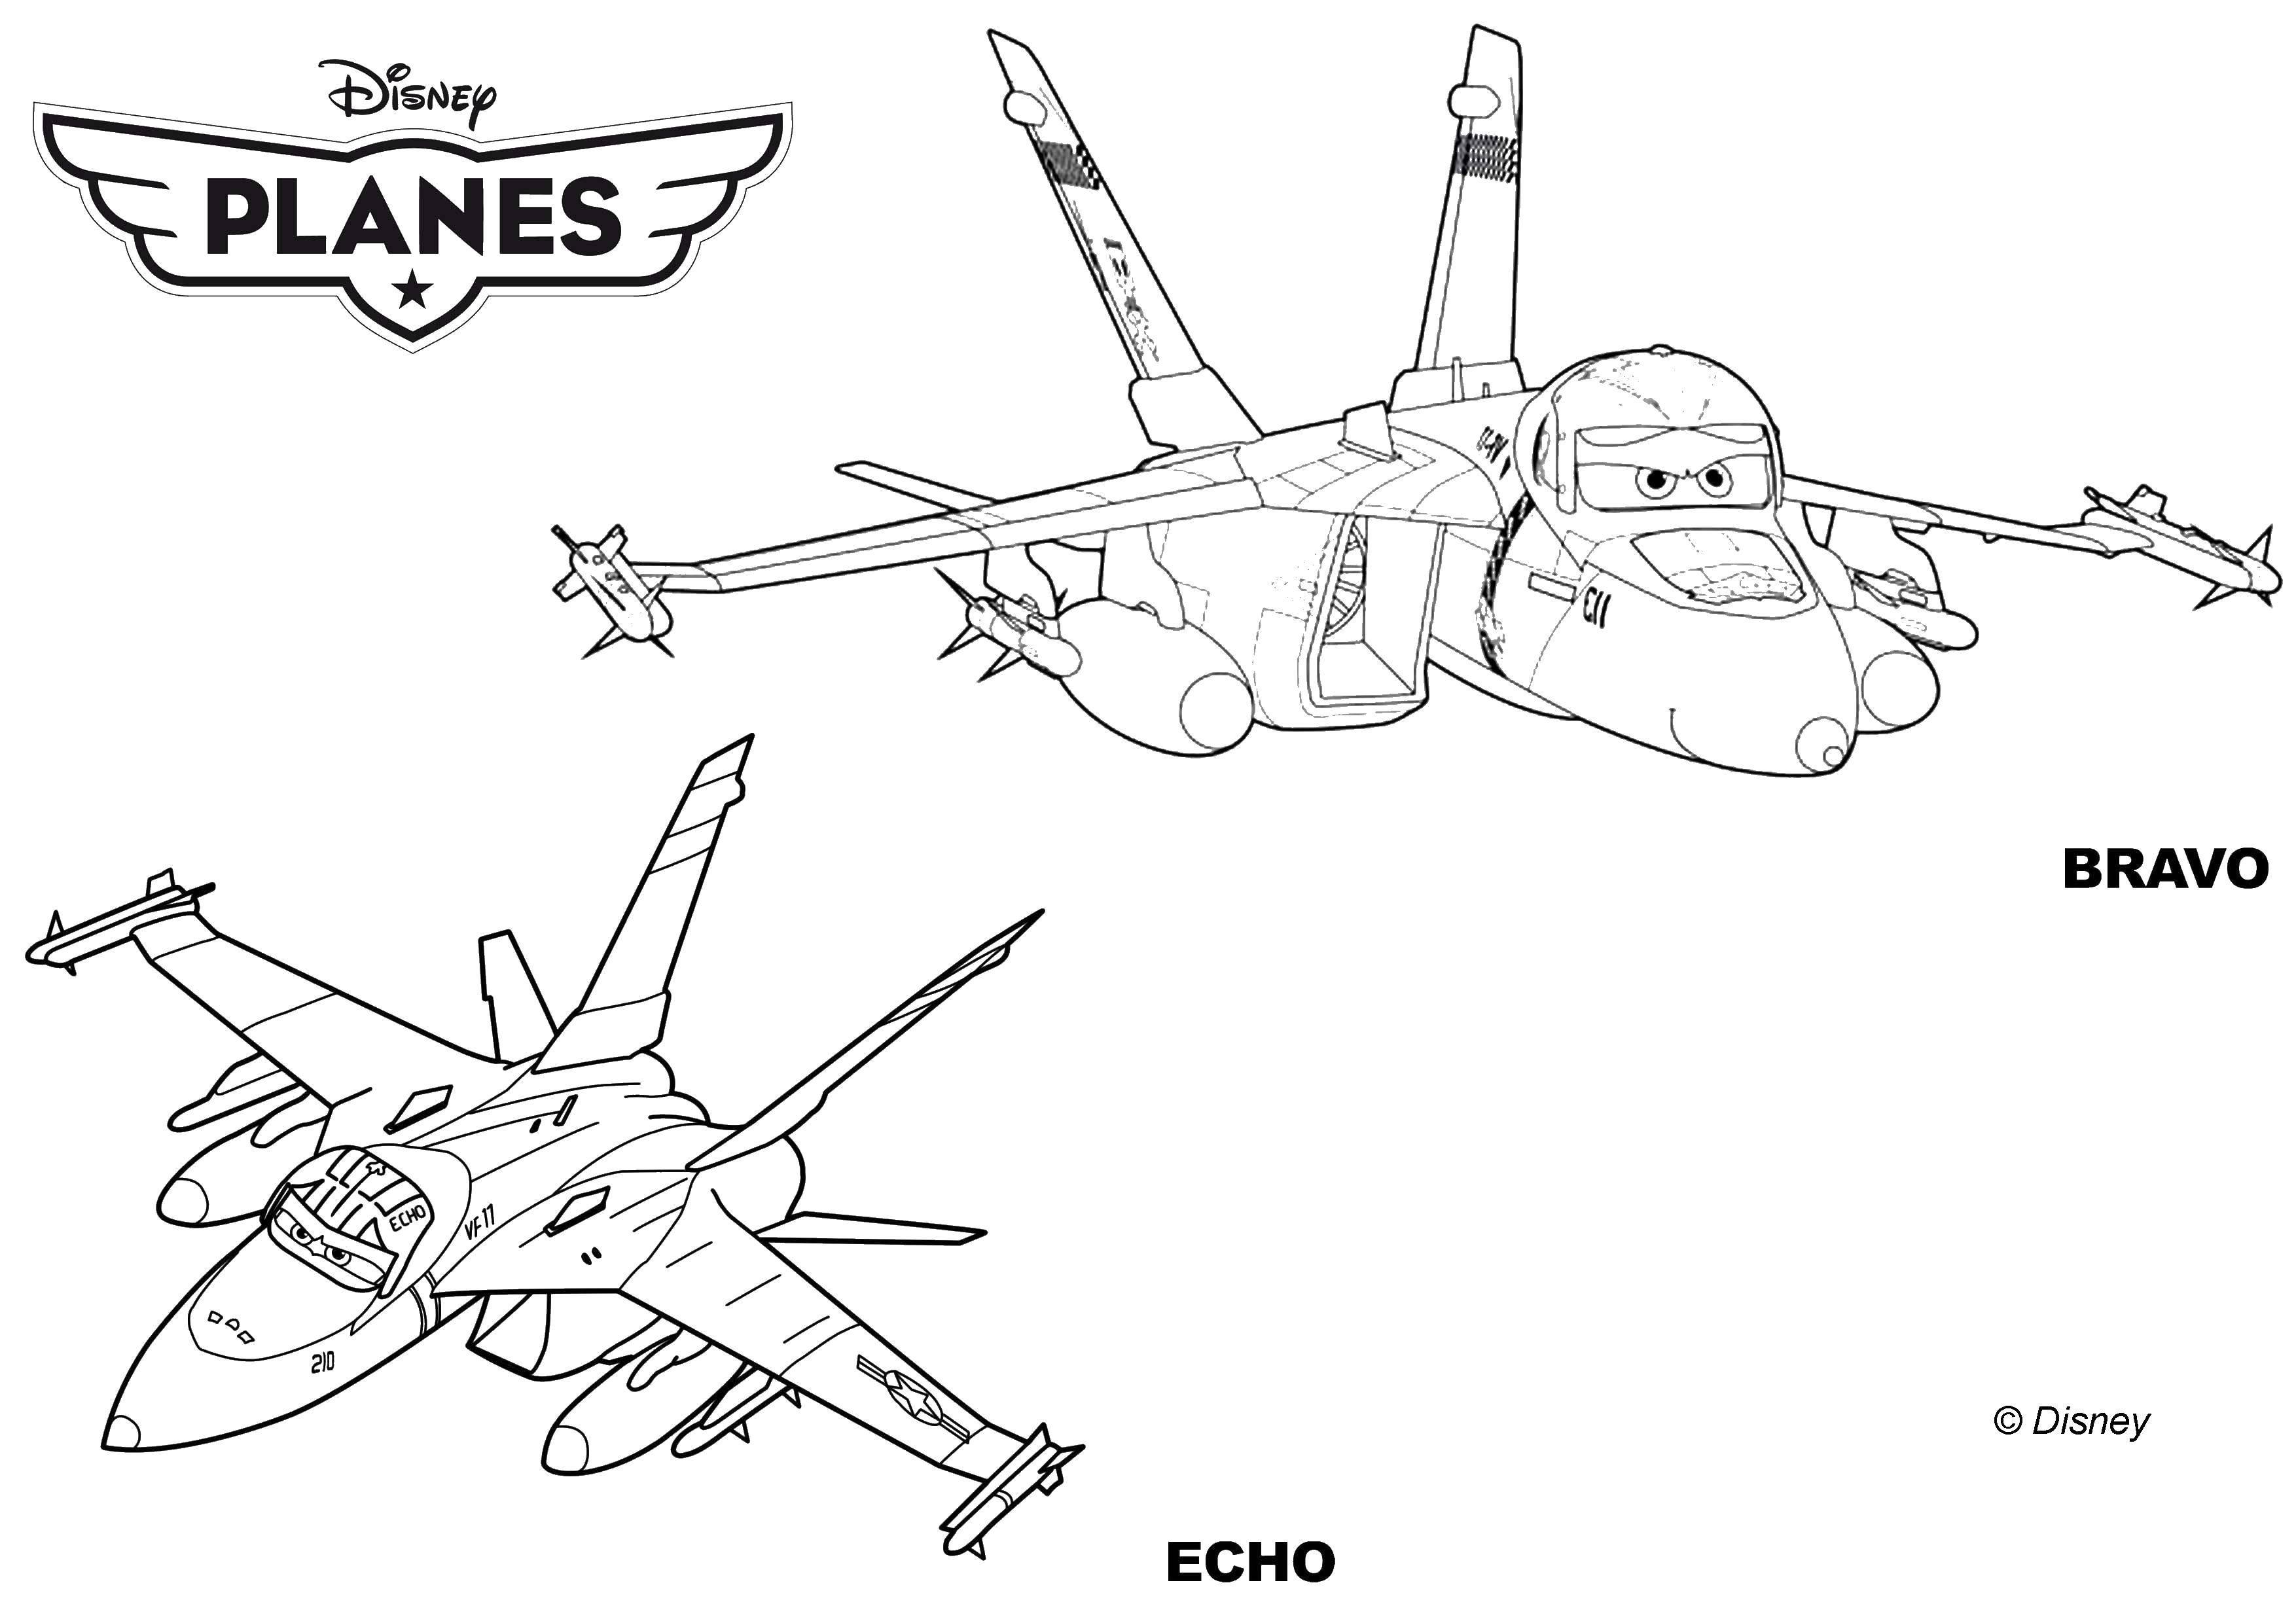 раскраски раскраска самолеты брава и ехо самолеты скачать